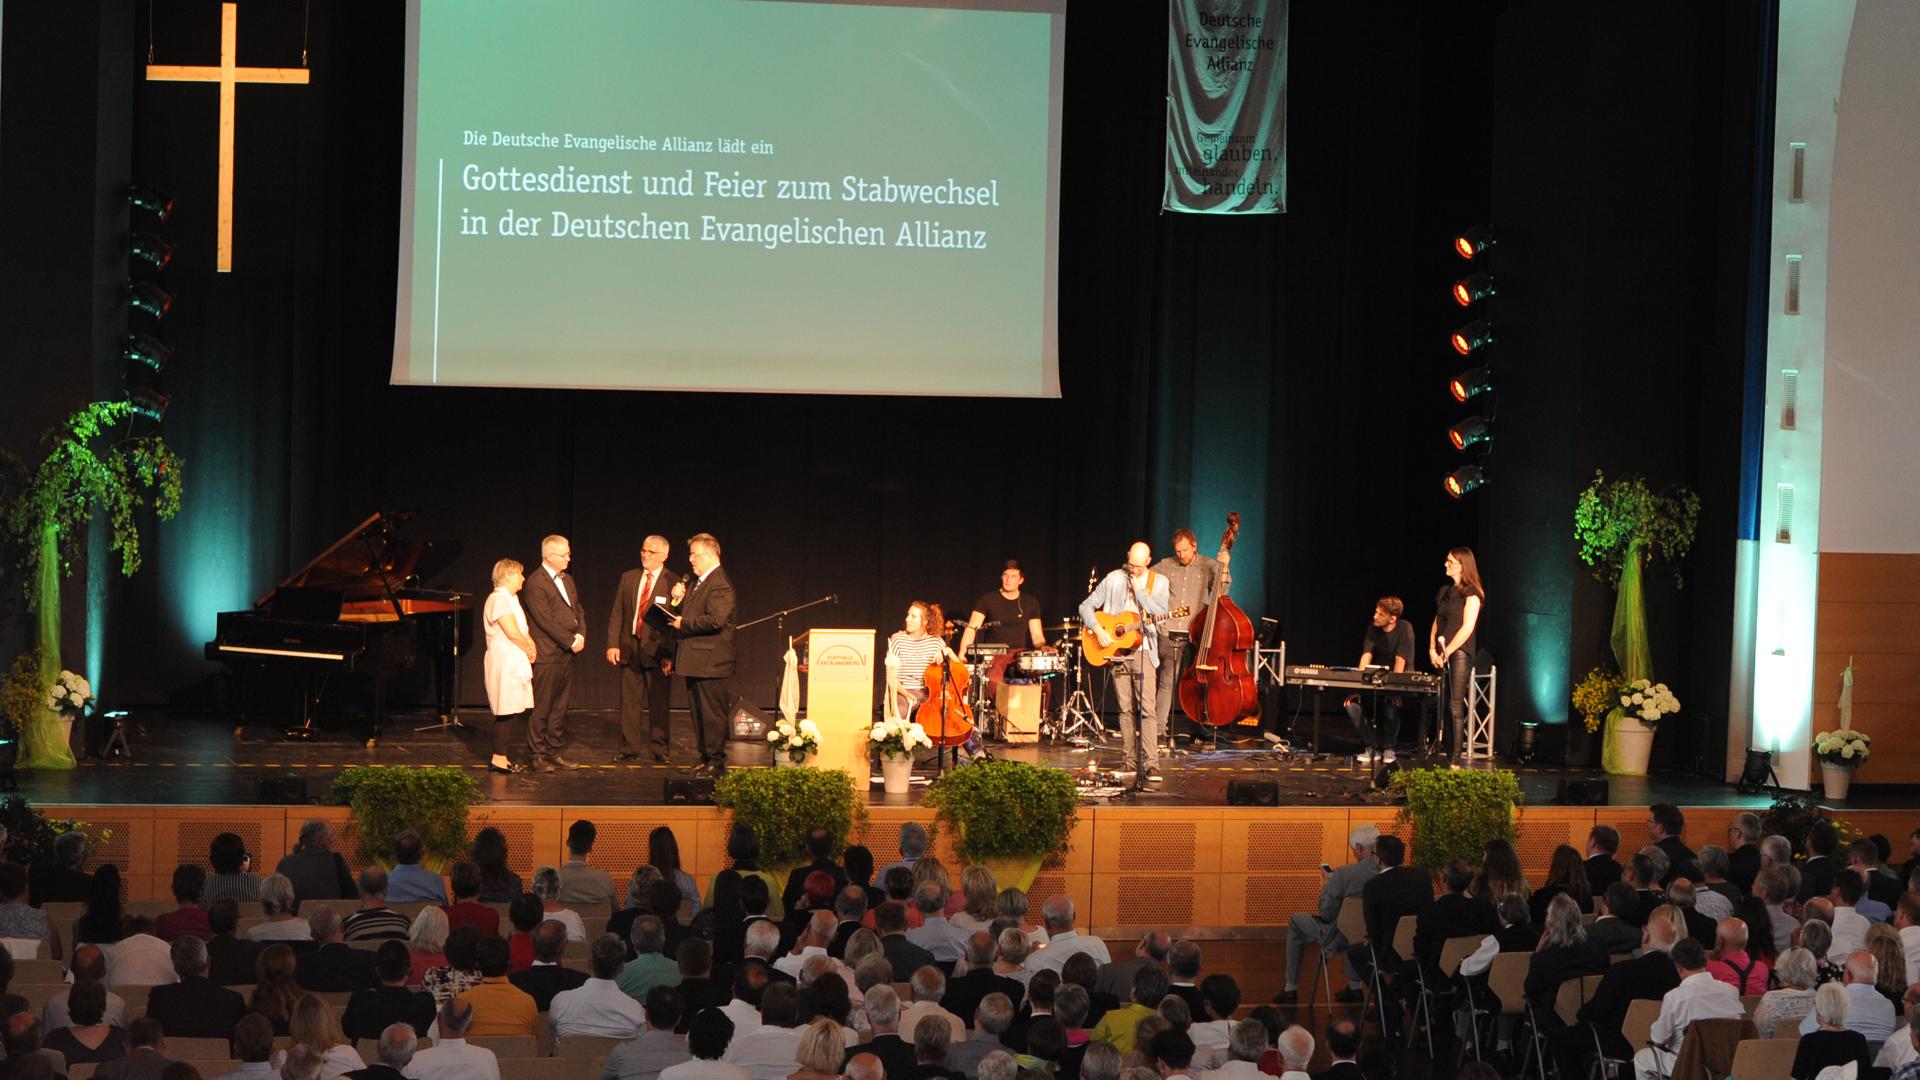 Die DEA hatte zum Festgottesdienst in die Stadthalle von Bad Blankenburg geladen